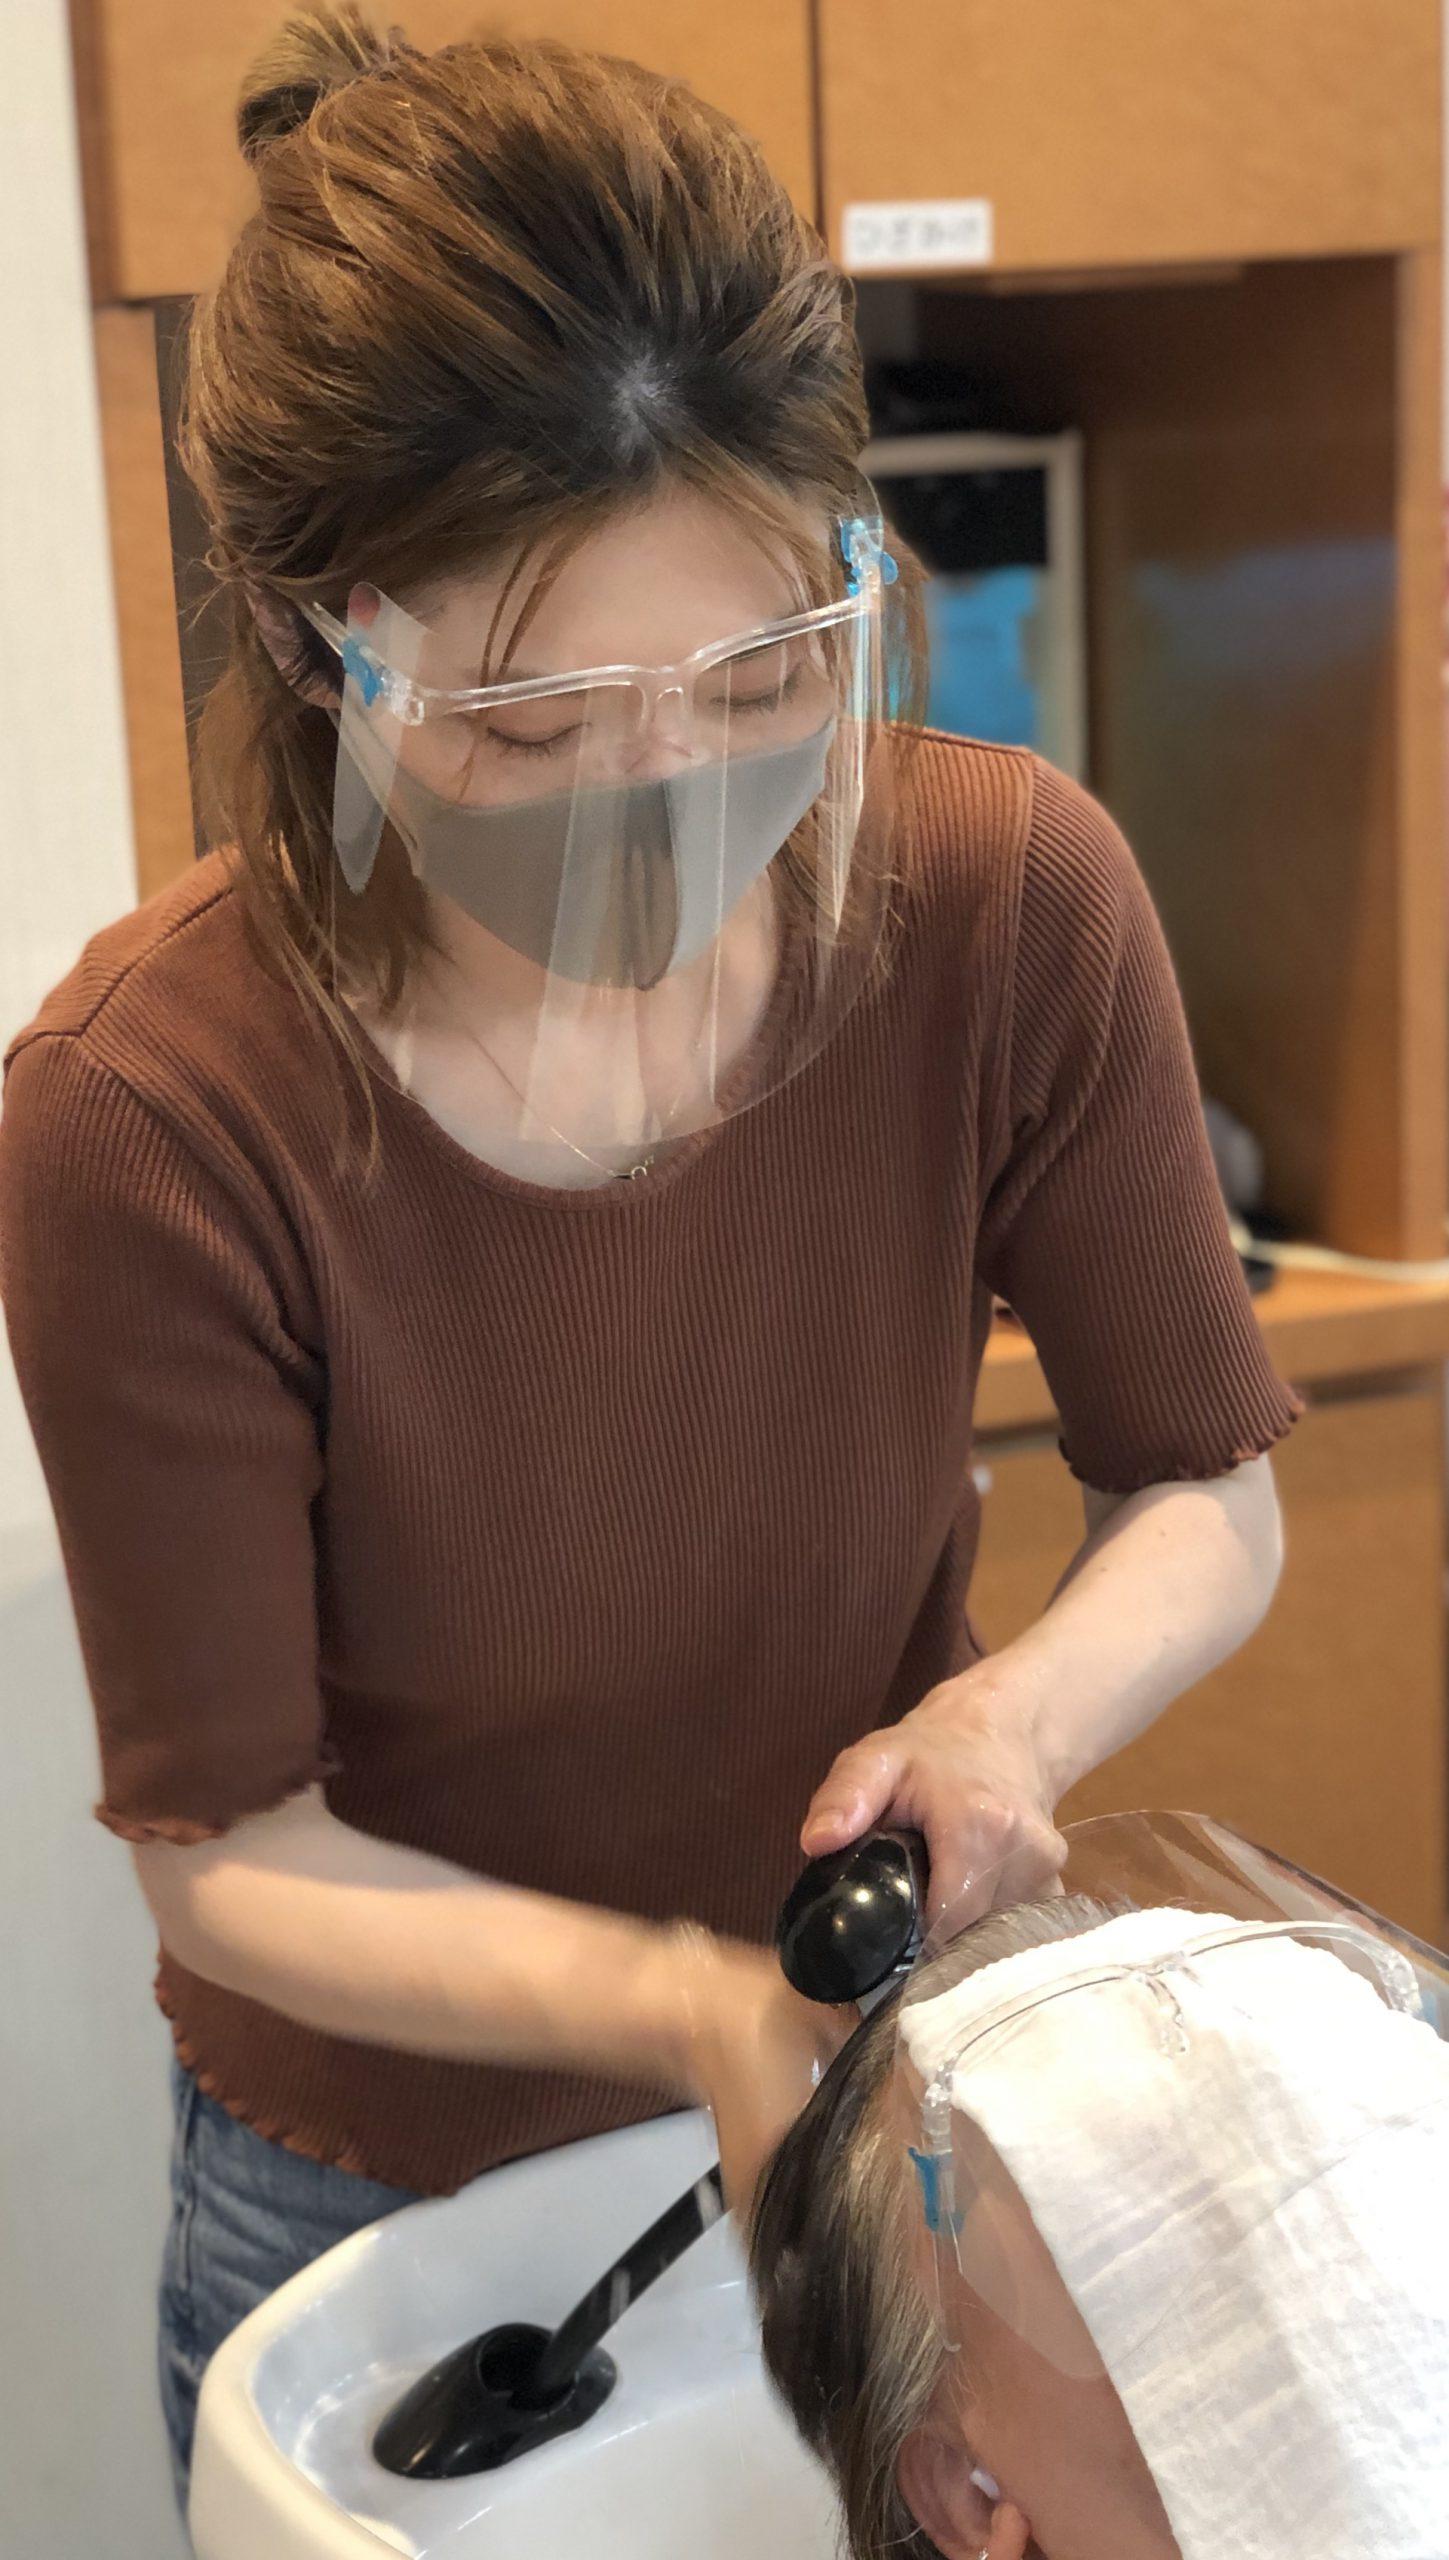 コロナ 美容 室 感染 日本各地における美容室でのコロナ感染状況まとめ